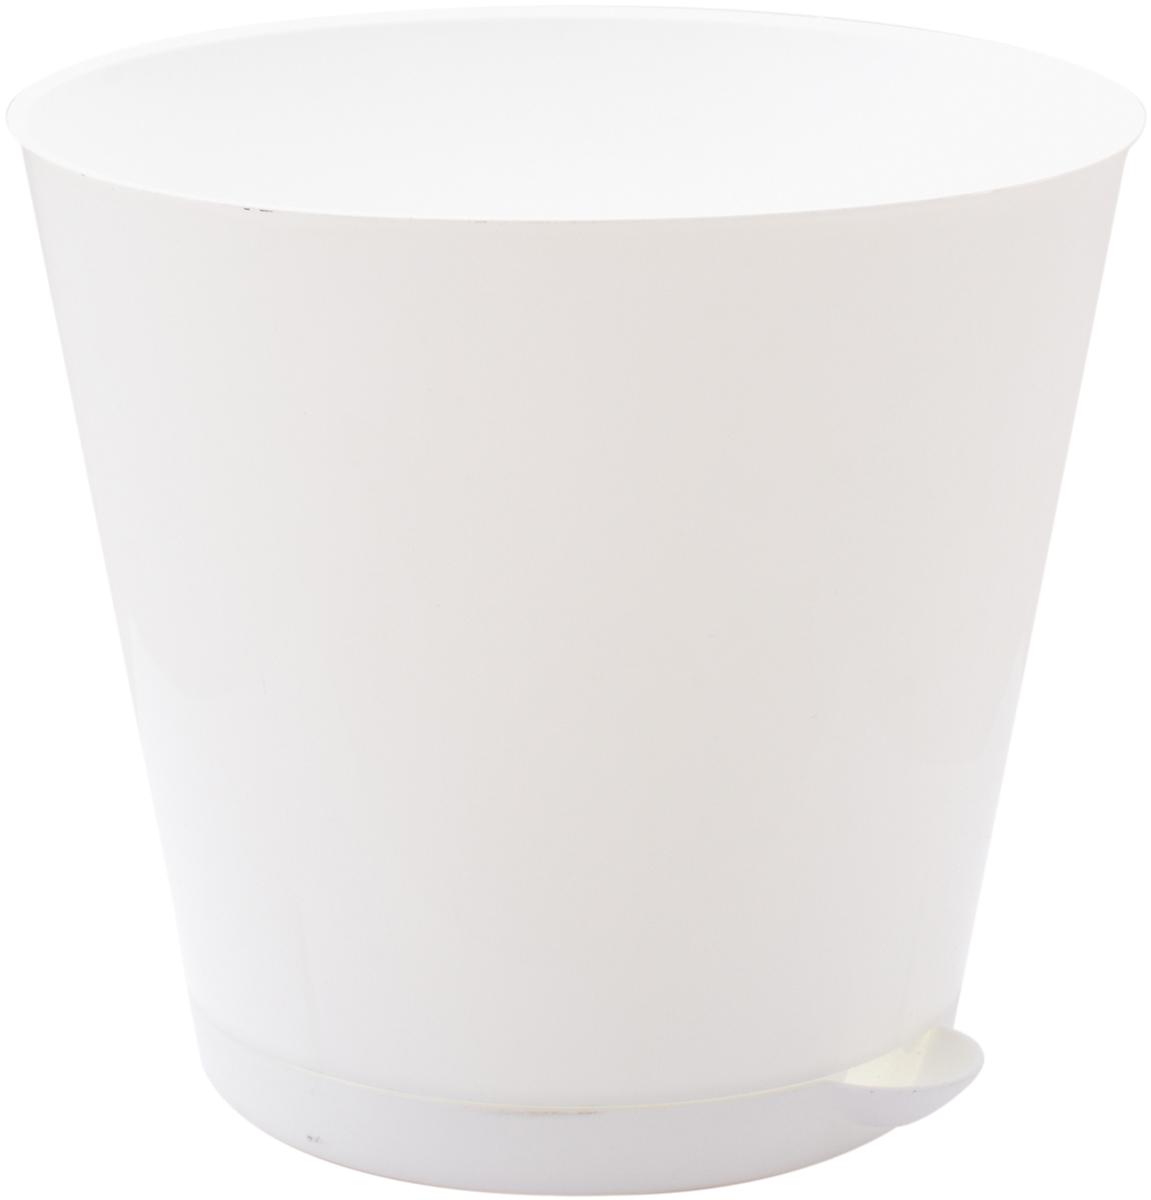 Горшок для цветов InGreen Крит, с системой прикорневого полива, цвет: белый, диаметр 22,6 смING46022БЛГоршок InGreen Крит, выполненный из высококачественного пластика, предназначен для выращивания комнатных цветов, растений и трав. Специальная конструкция обеспечивает вентиляцию в корневой системе растения, а дренажные отверстия позволяют выходить лишней влаге из почвы. Крепежные отверстия и штыри прочно крепят подставку к горшку. Прикорневой полив растения осуществляется через удобный носик. Система прикорневого полива позволяет оставлять комнатное растение без внимания тем, кто часто находится в командировках или собирается в отпуск и не имеет возможности вовремя поливать цветы. Такой горшок порадует вас современным дизайном и функциональностью, а также оригинально украсит интерьер любого помещения. Объем: 5 л.